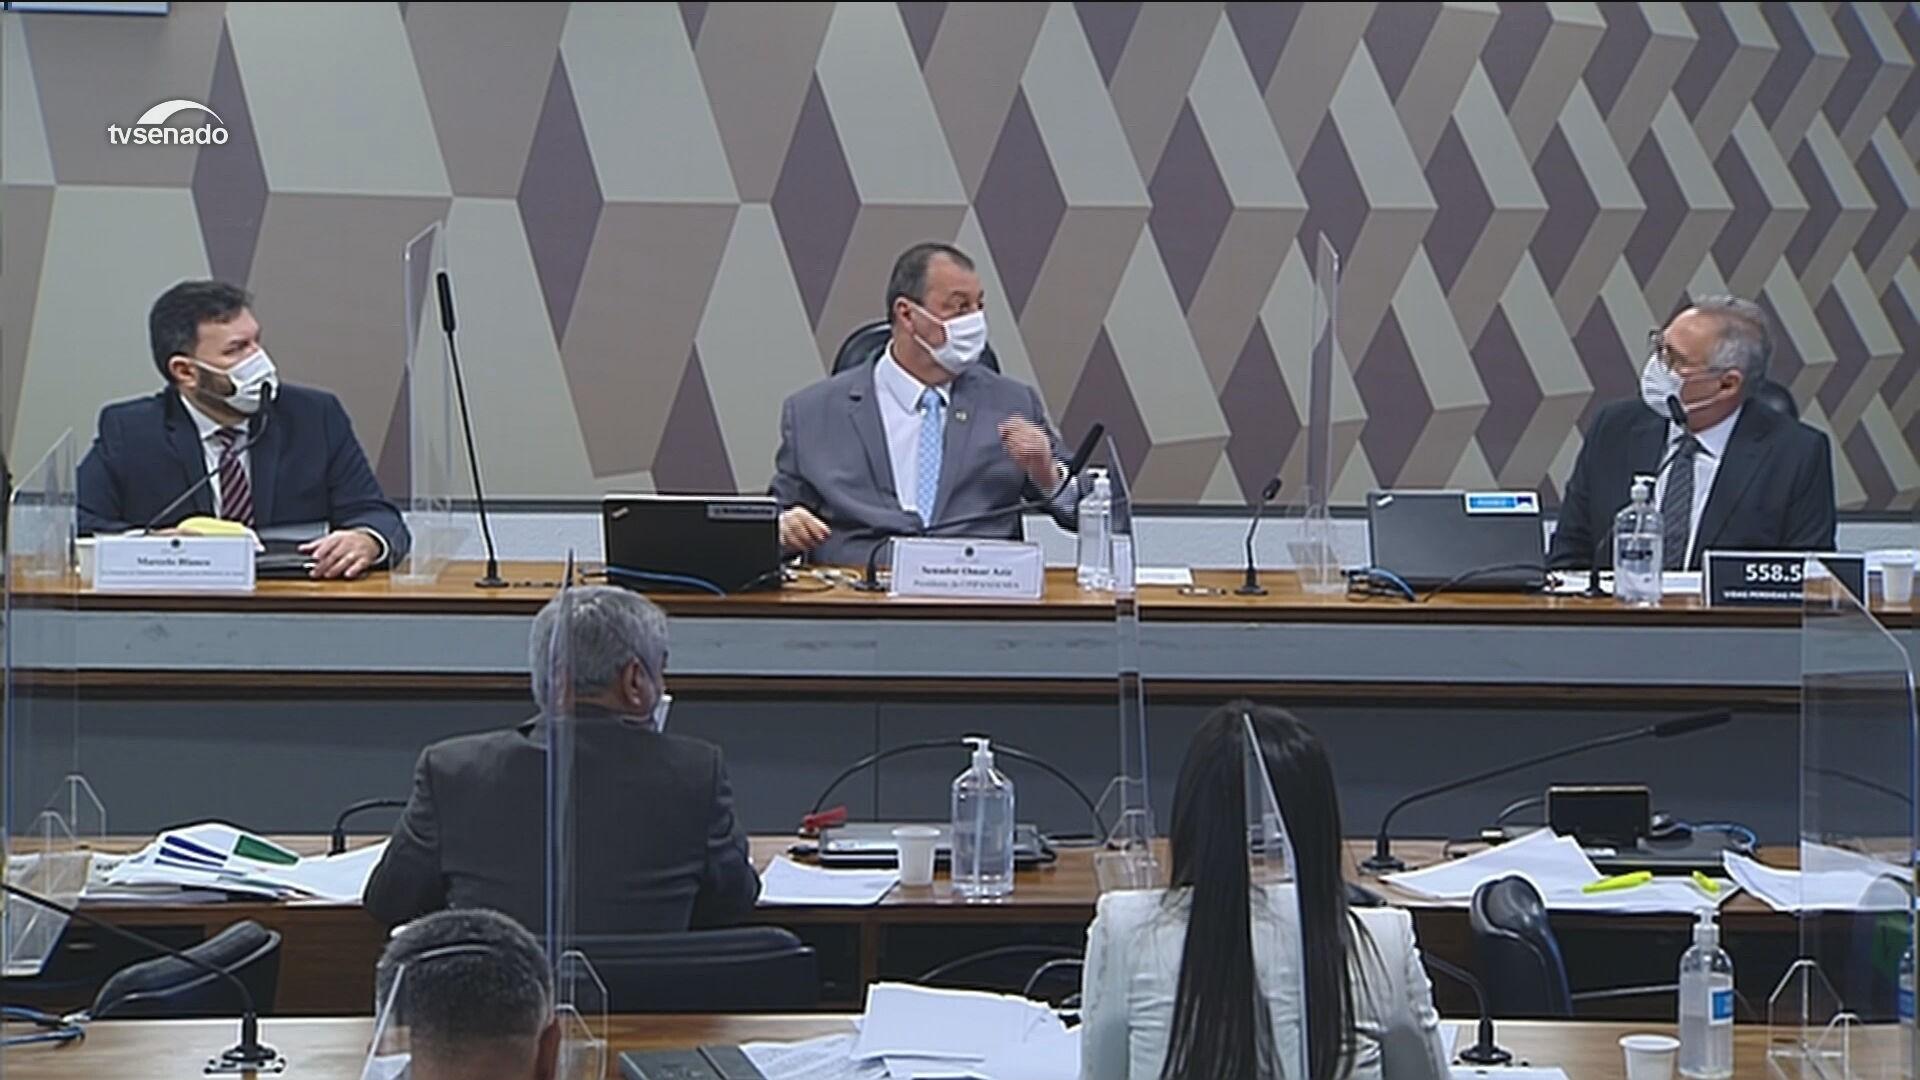 VÍDEOS: coronel Marcelo Blanco depõe à CPI da Covid sobre jantar com suposto pedido de propina